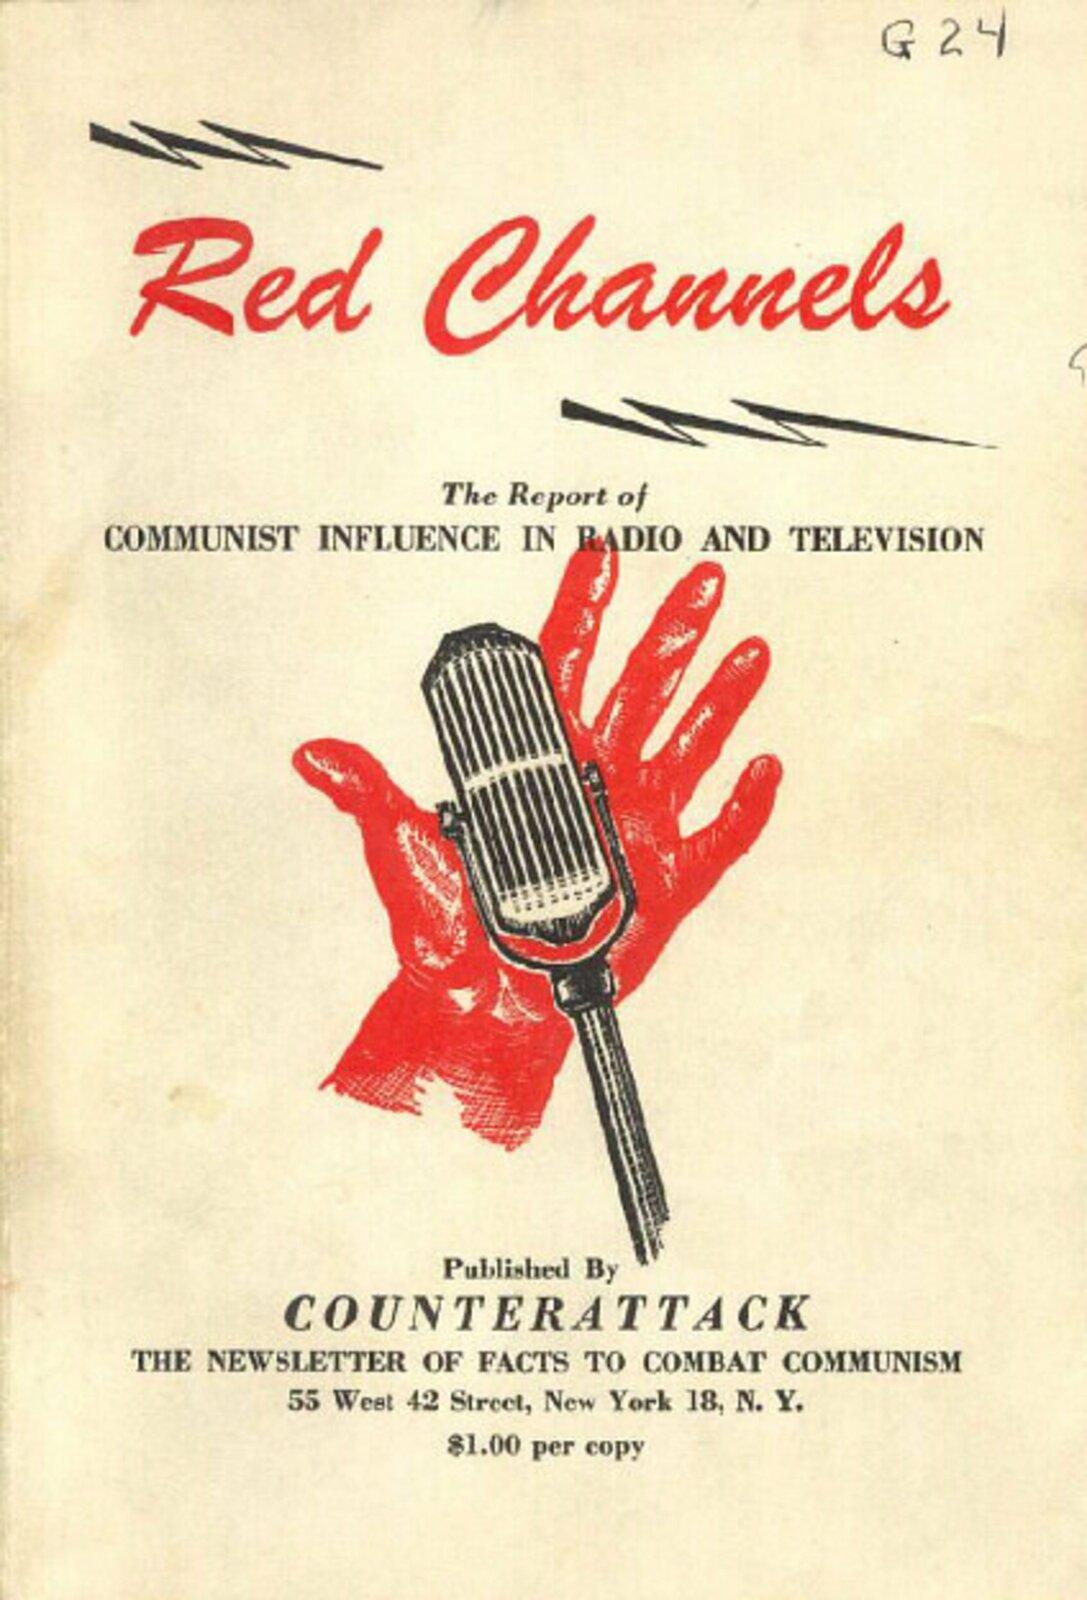 Grafika przedstawiająca plakat, na którym widać czerwoną dłoń trzymającą mikrofon. Tytuł plakatu: Red Channels. The Report of Communist influence in radio and television. Published by Counterattack. The Newsletter of facts to combat communism. One dolar per copy.